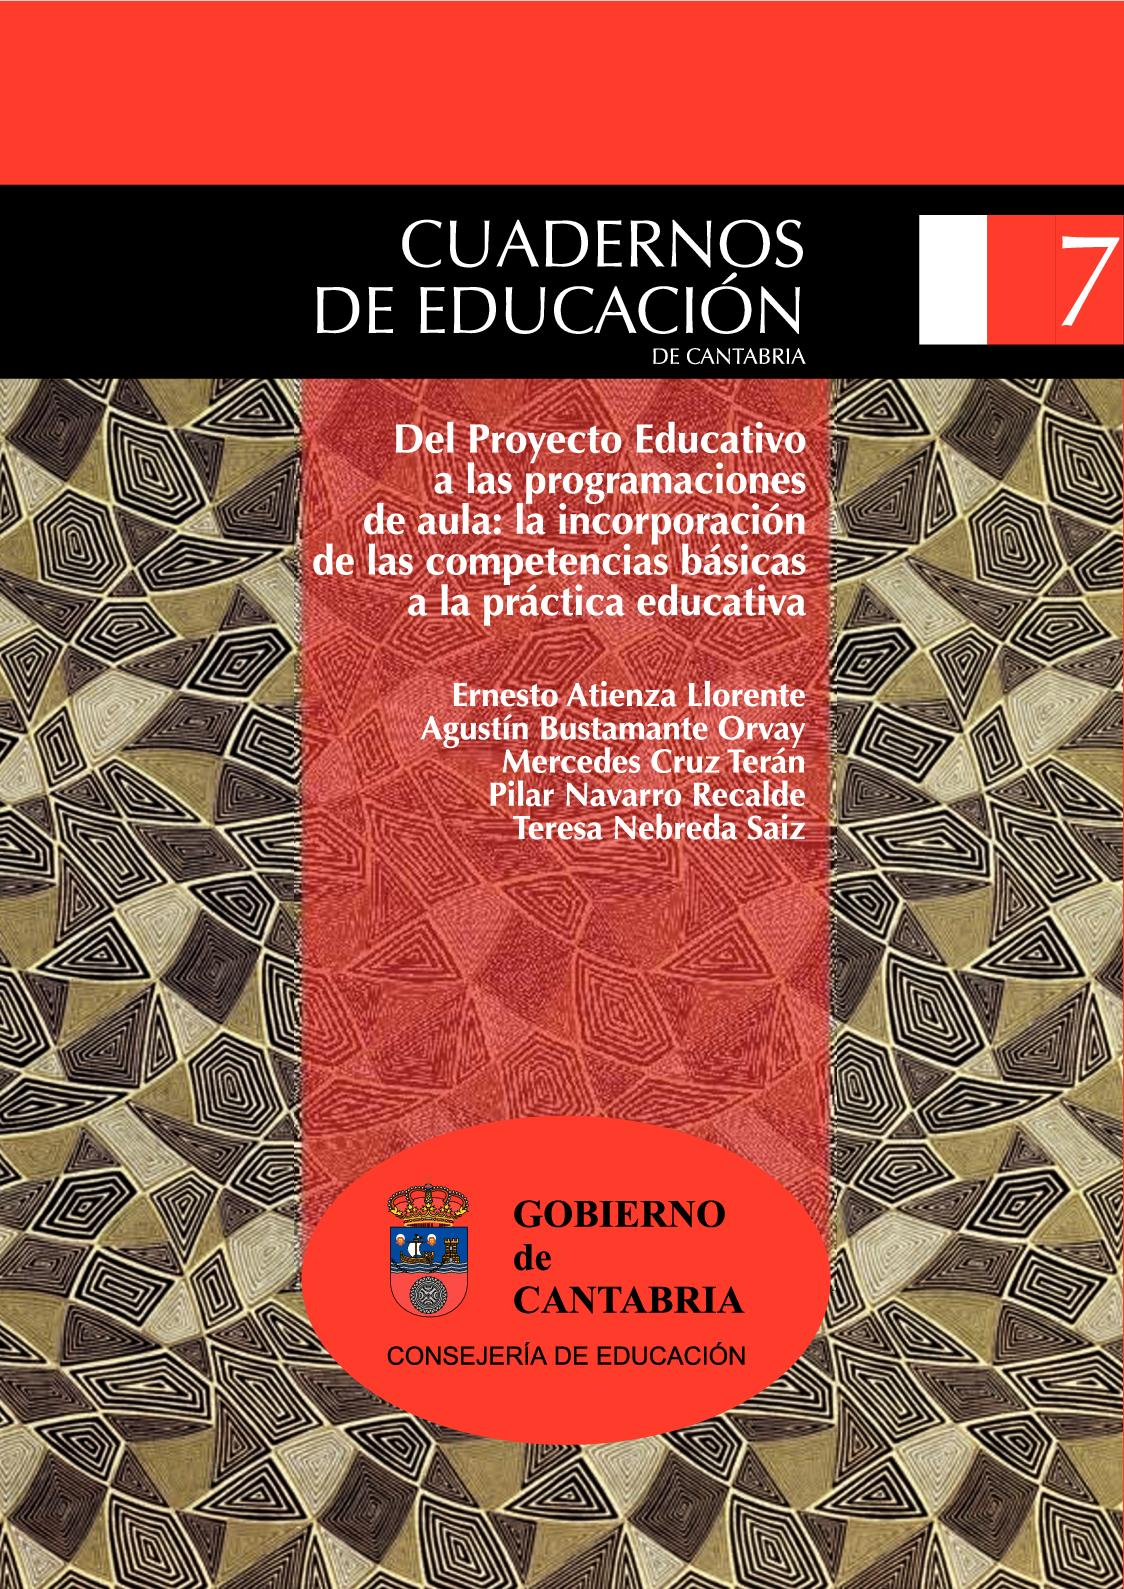 Del Proyecto Educativo A Las Programaciones Del Aula. La De Las Competencias Básicas A La Práctica Educativa